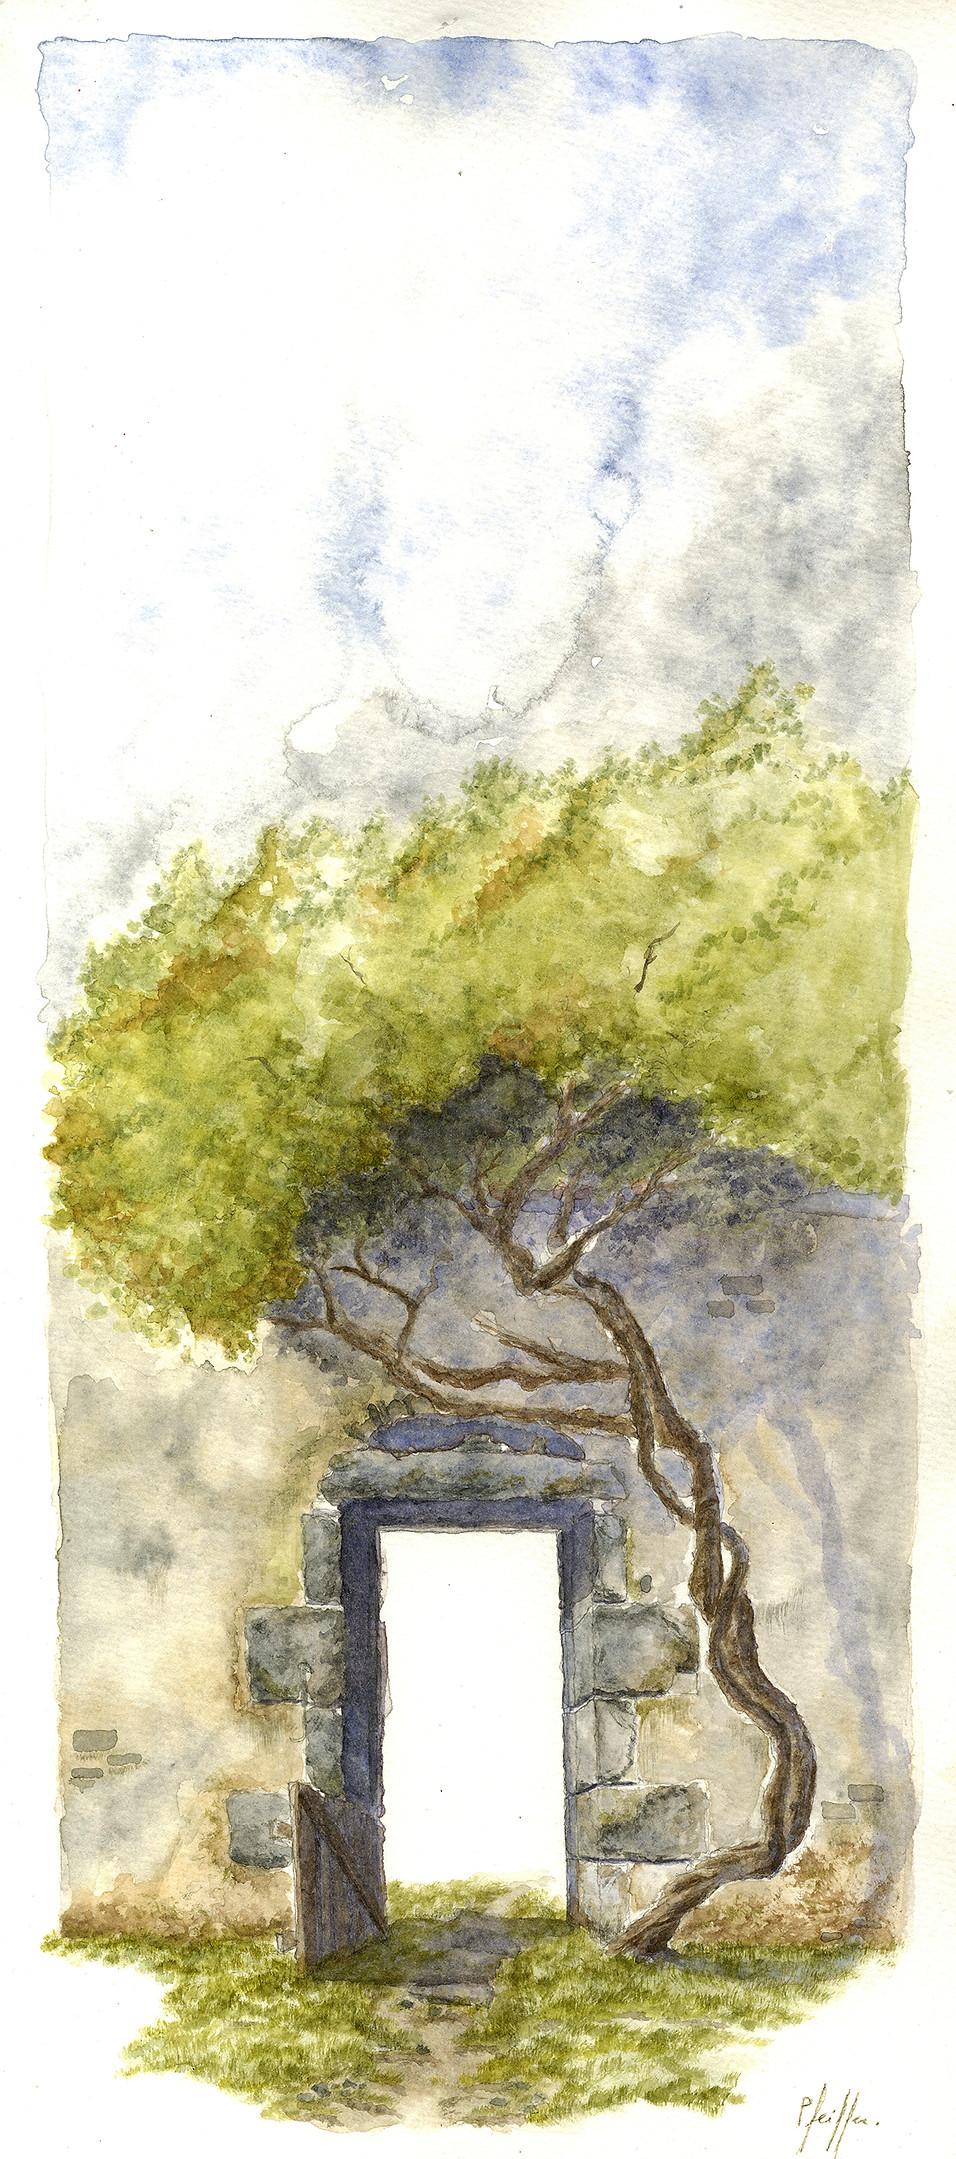 Lucas Pfeiffer, Chasseneuil-sur-Bonnieure, France, aquarellesur papier, 24x50cm, 2015